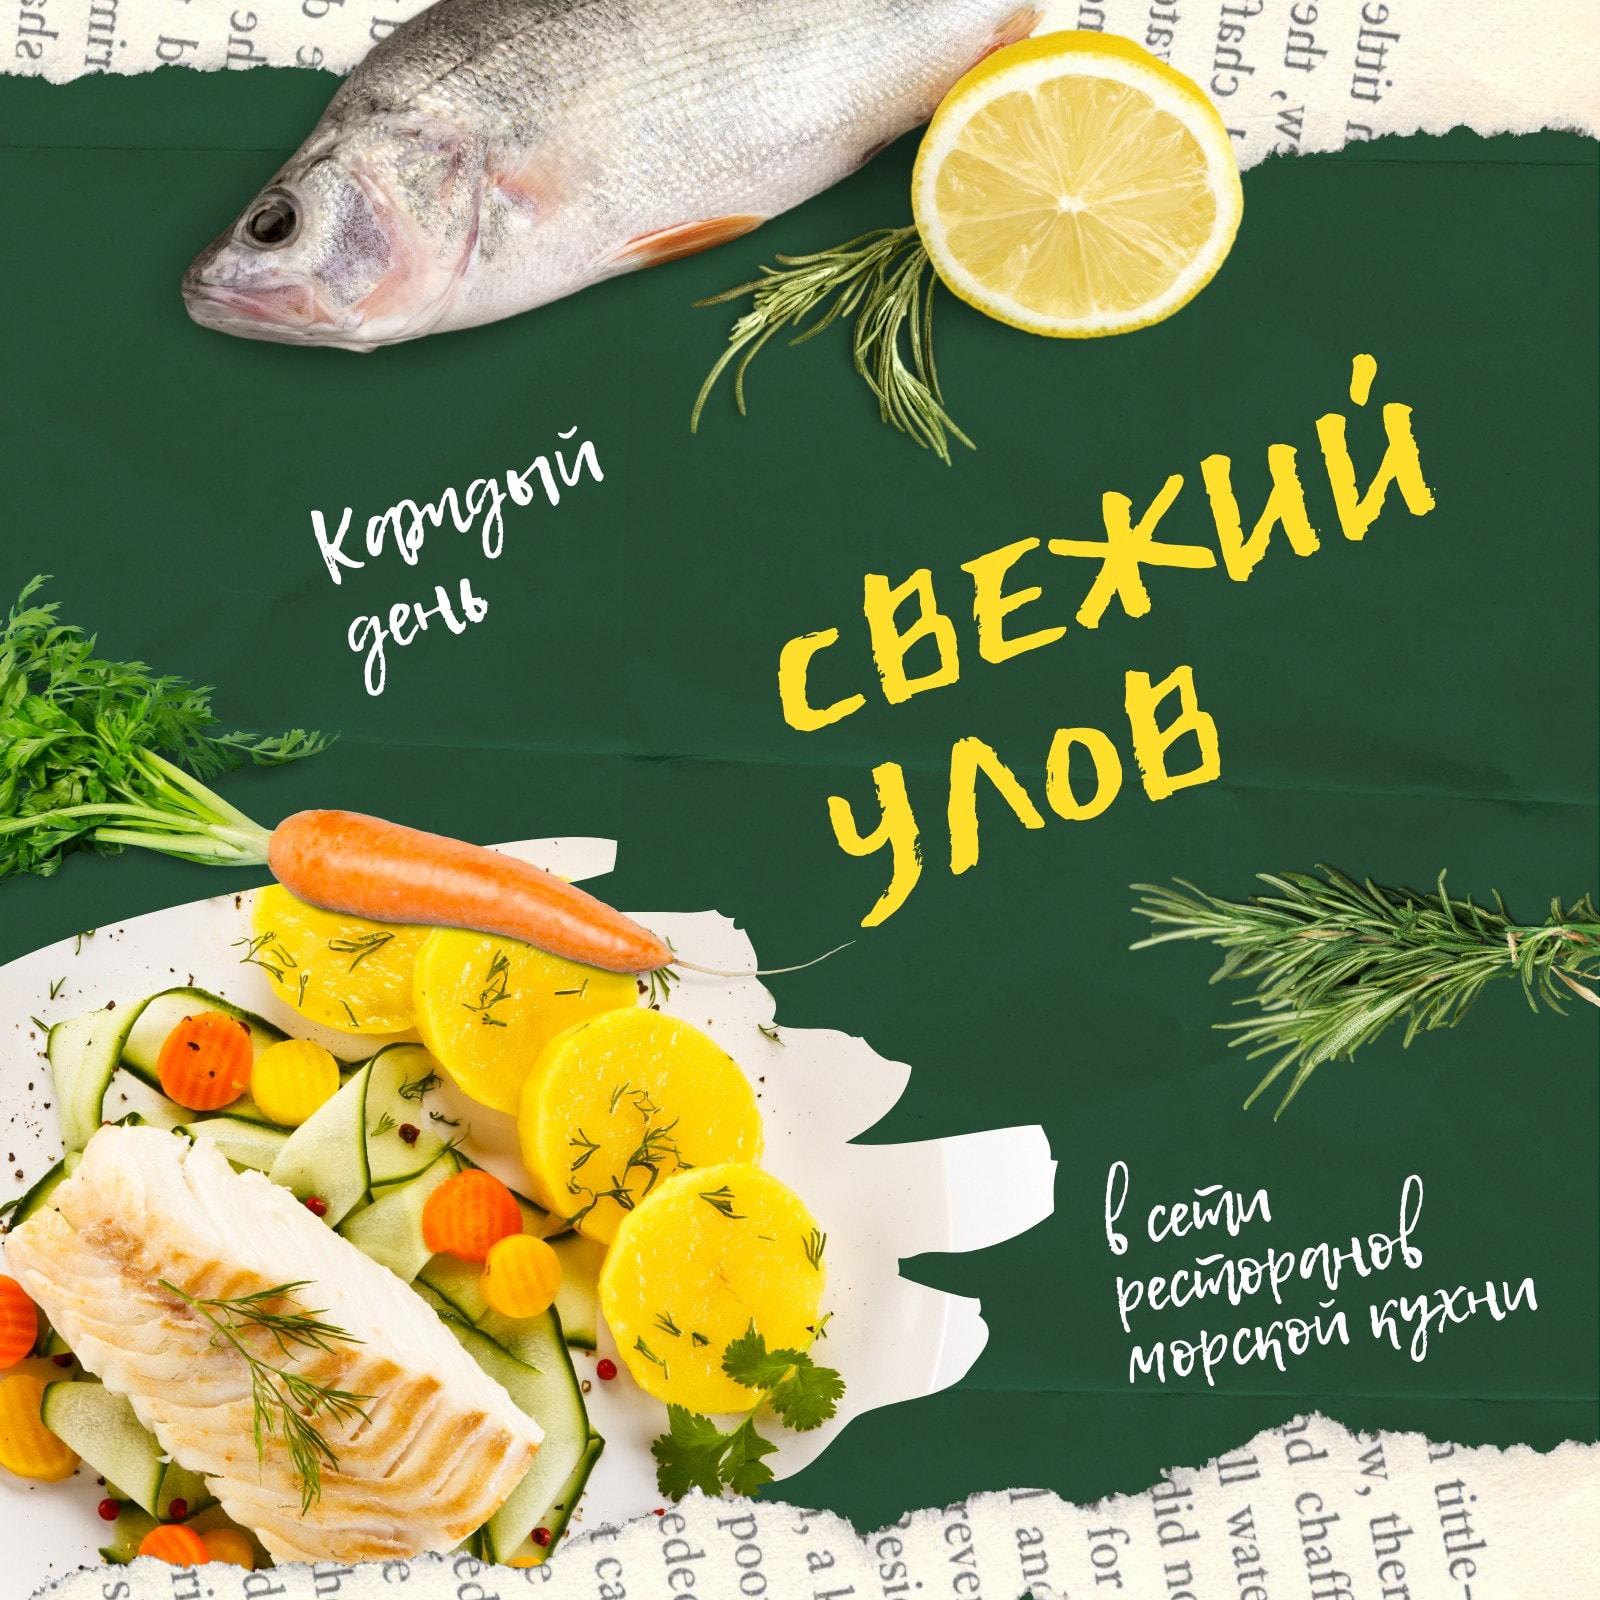 Зеленая публикация в Instagram с рыбным блюдом